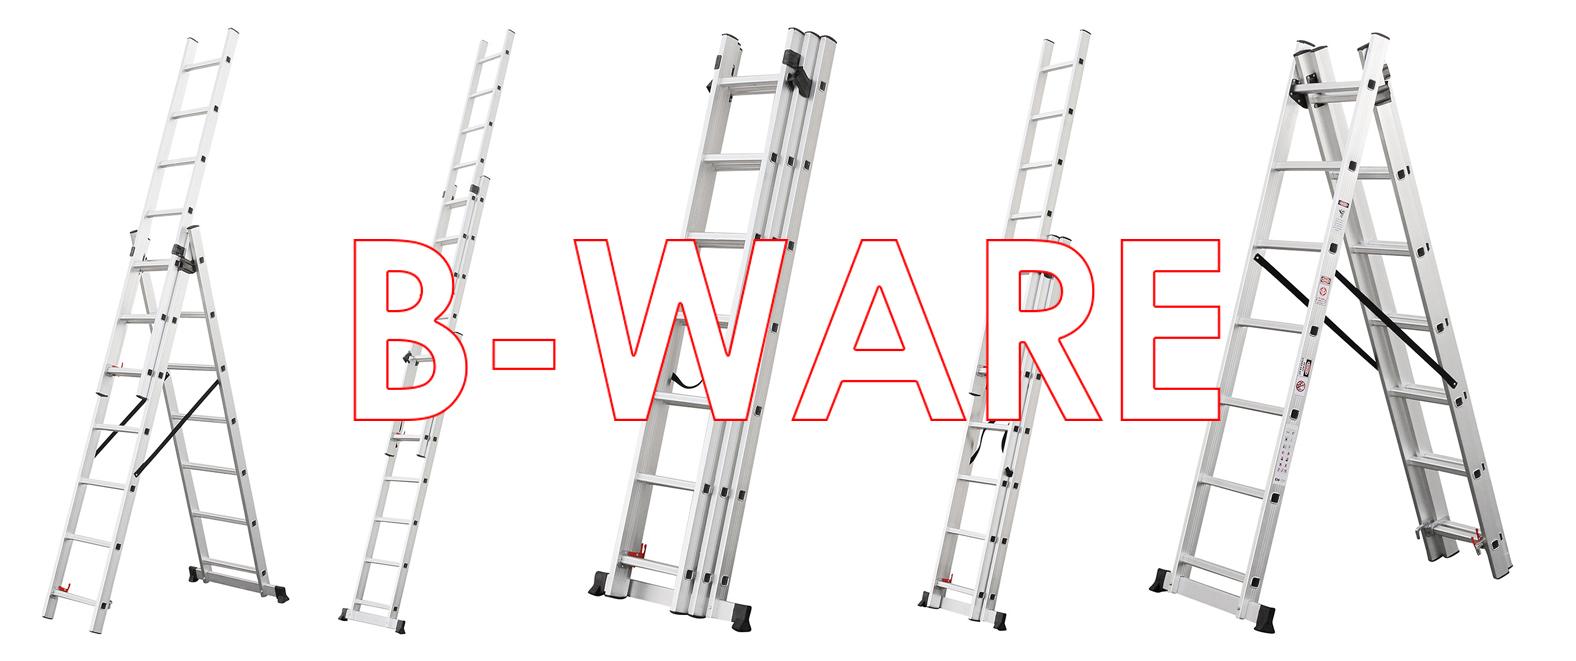 Stehleiter 8.42 Meter 6 Gr/ö/ßen 3x6//3x7//3x9//3x11//3x12//3x14 Multifunktionsleiter Craftfull Aluminium Leiter Teleskopleiter Klappleiter CF-106A 3x12 Sprossen